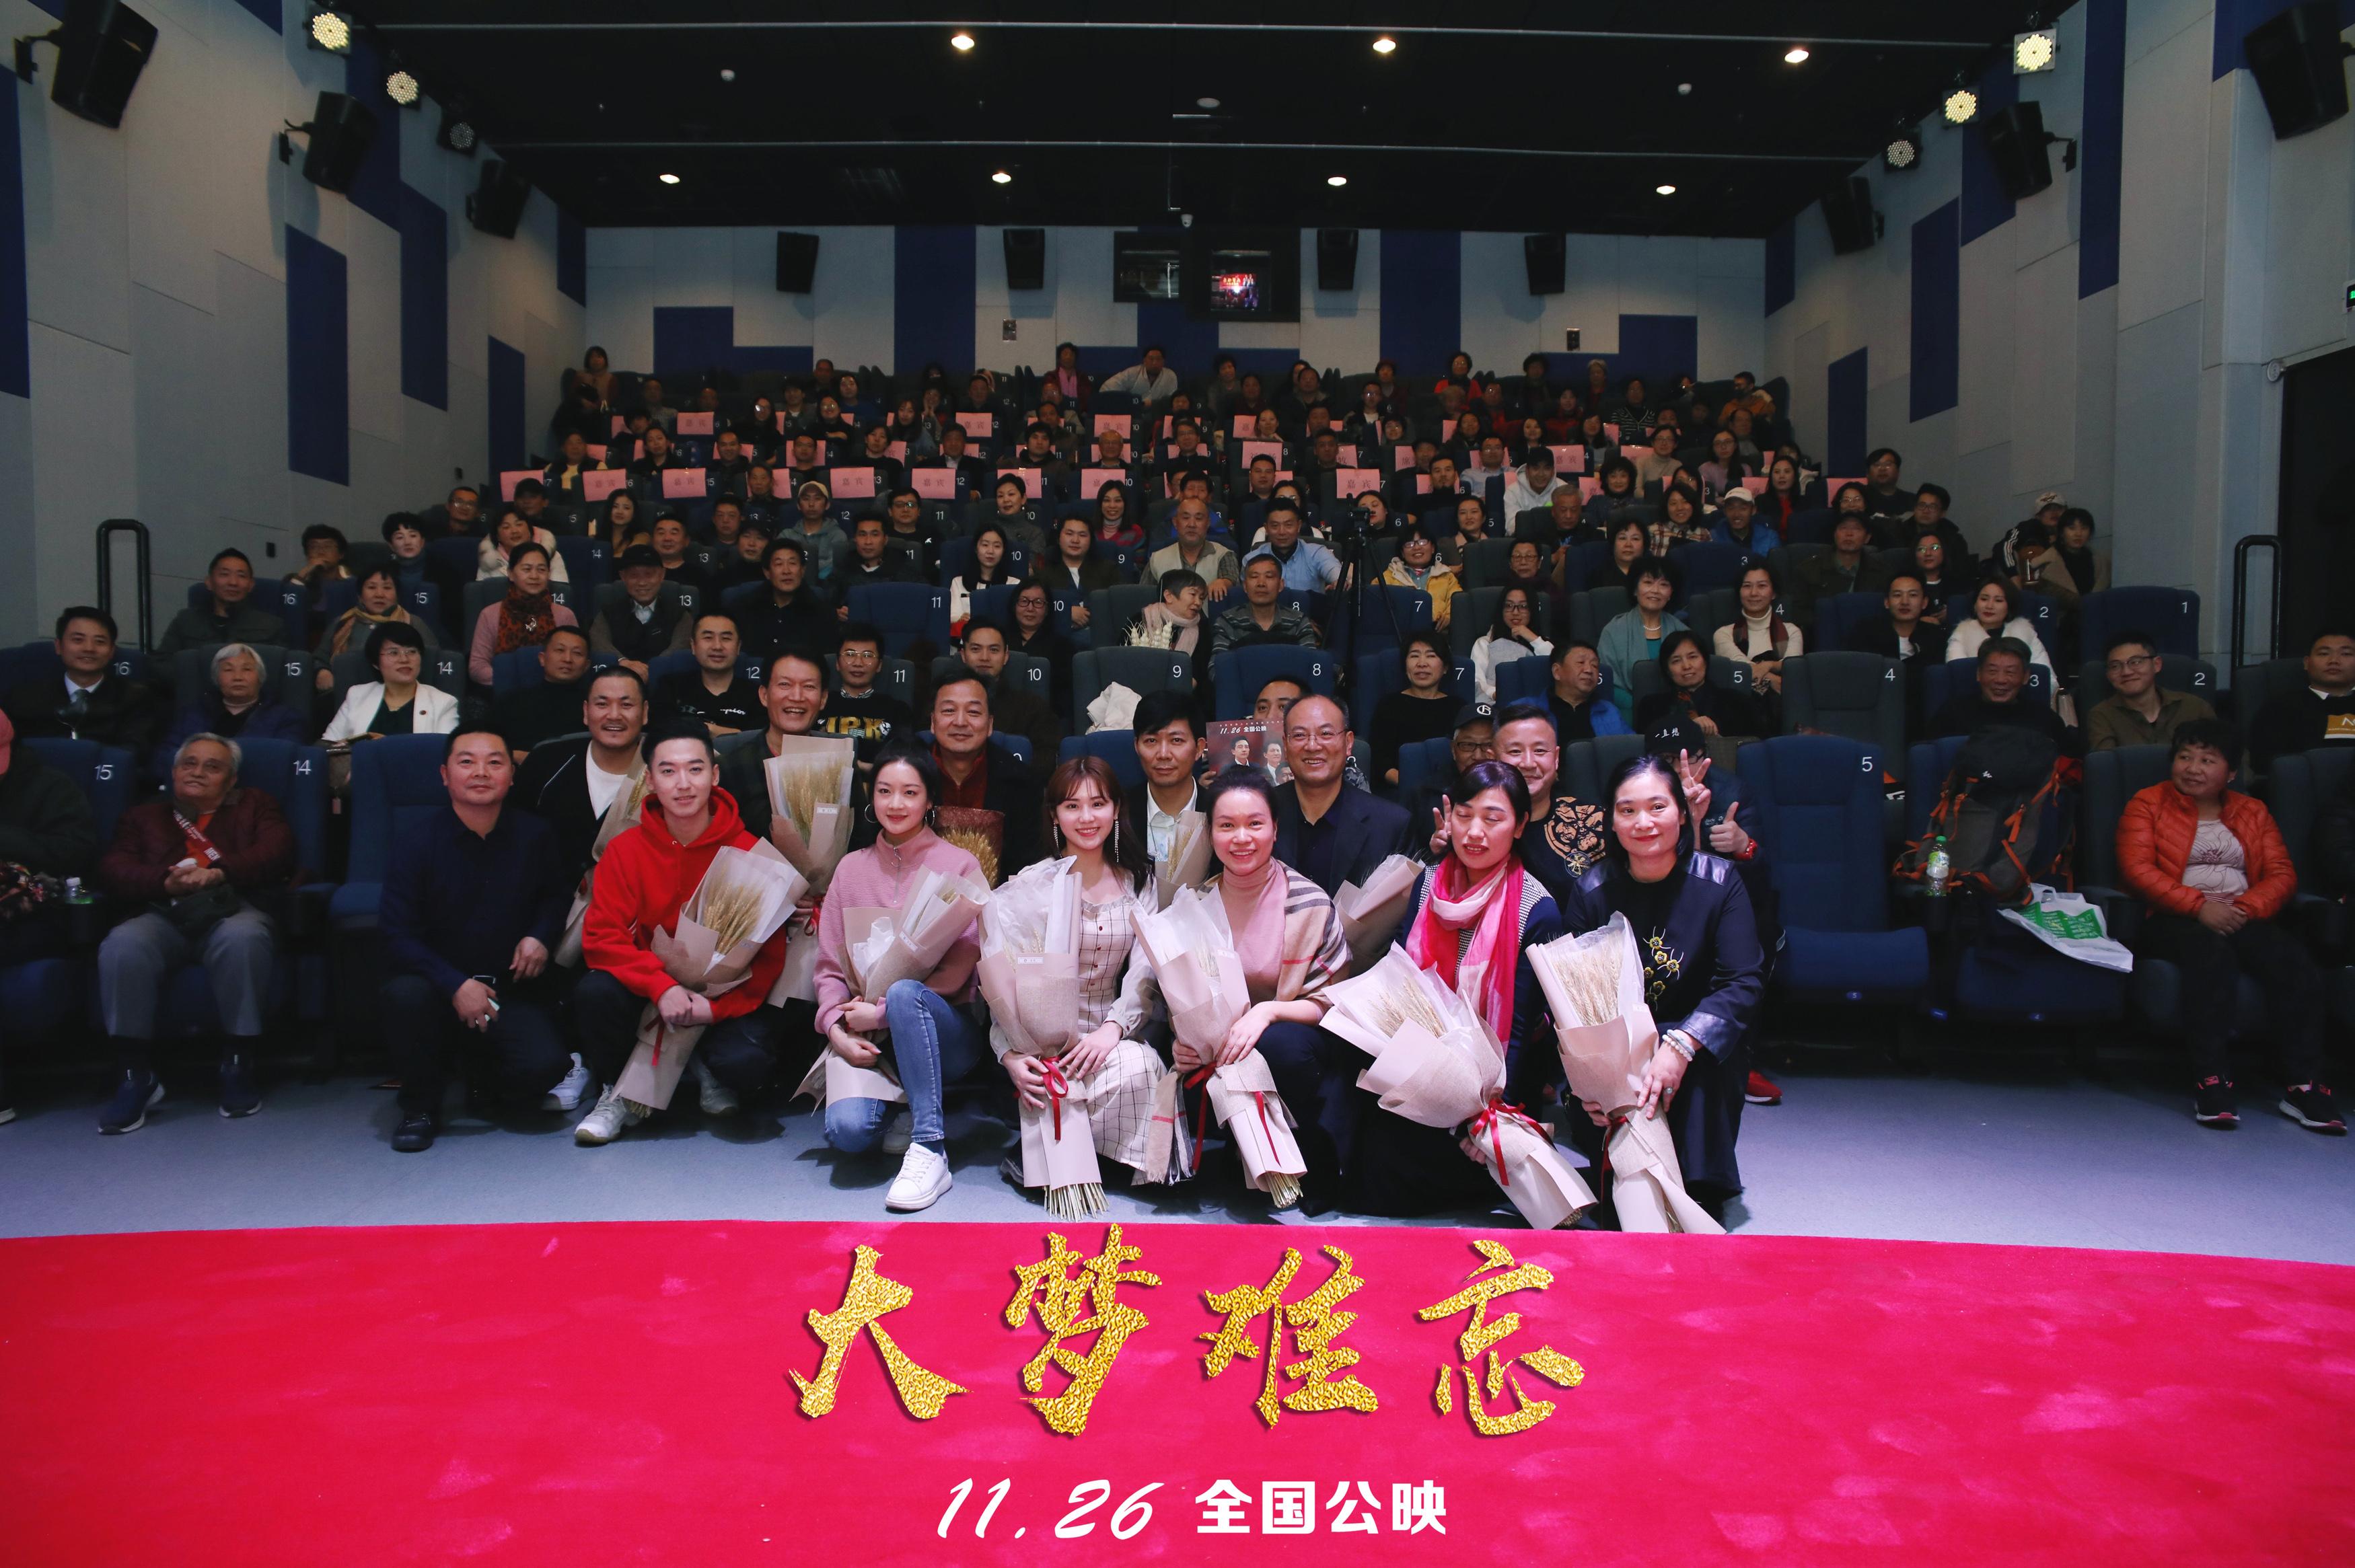 首部人大制度题材电影《大梦难忘》北京首映